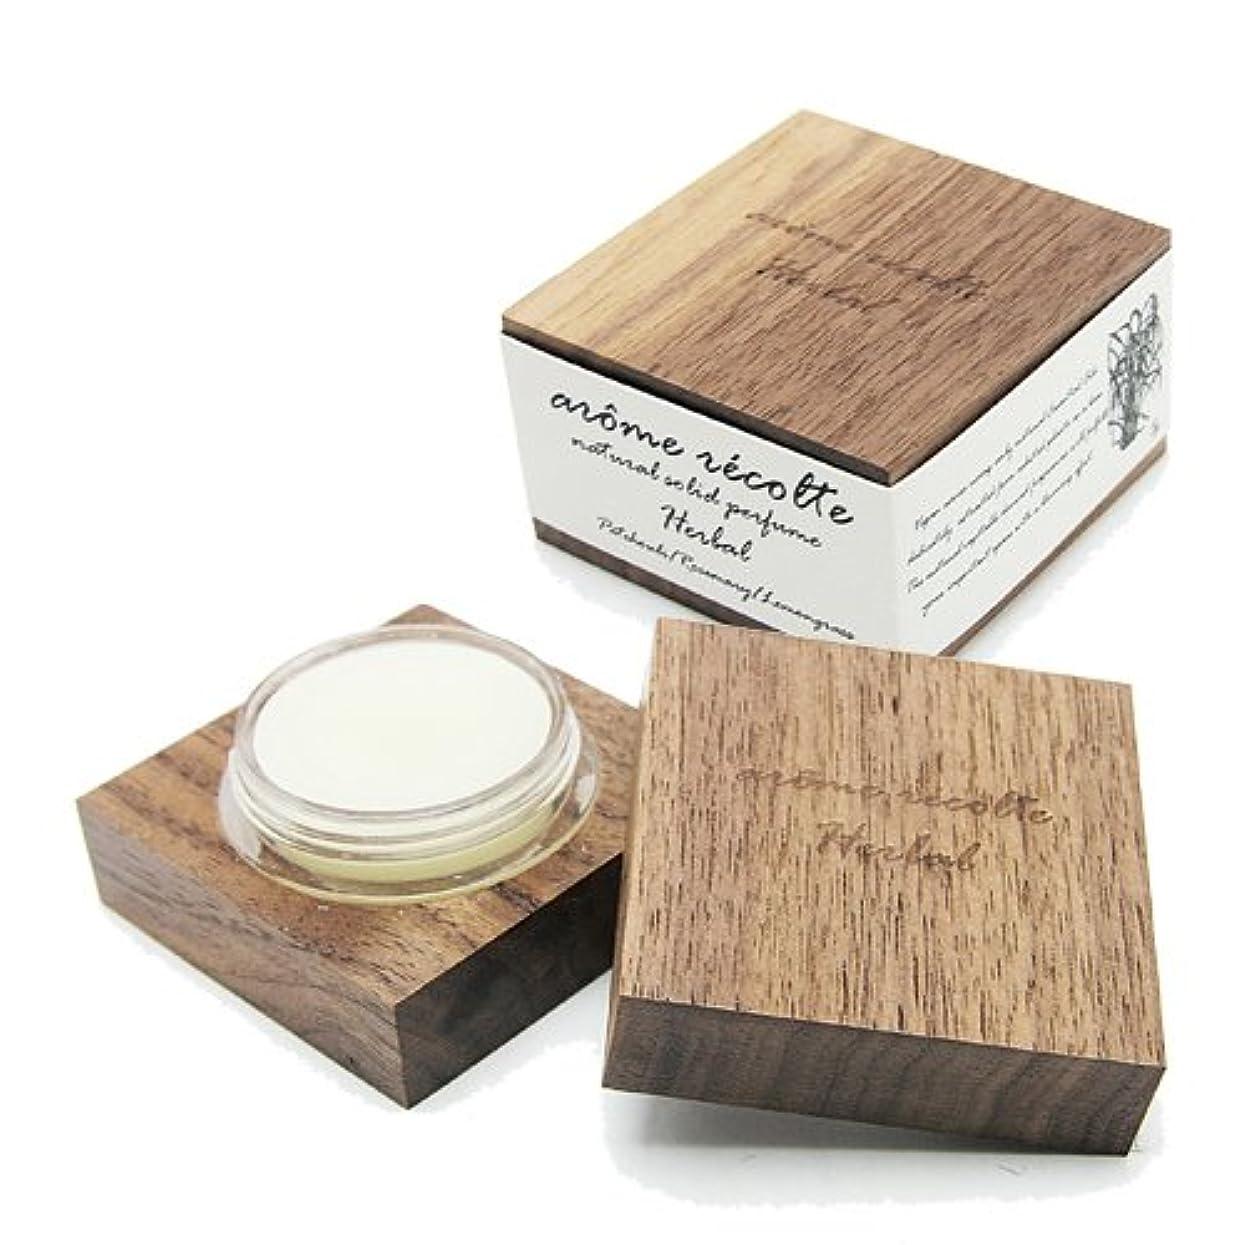 創造ウェイターウェイターアロマレコルト ナチュラル ソリッドパフューム ハーバル Herbal arome recolte 練り香水